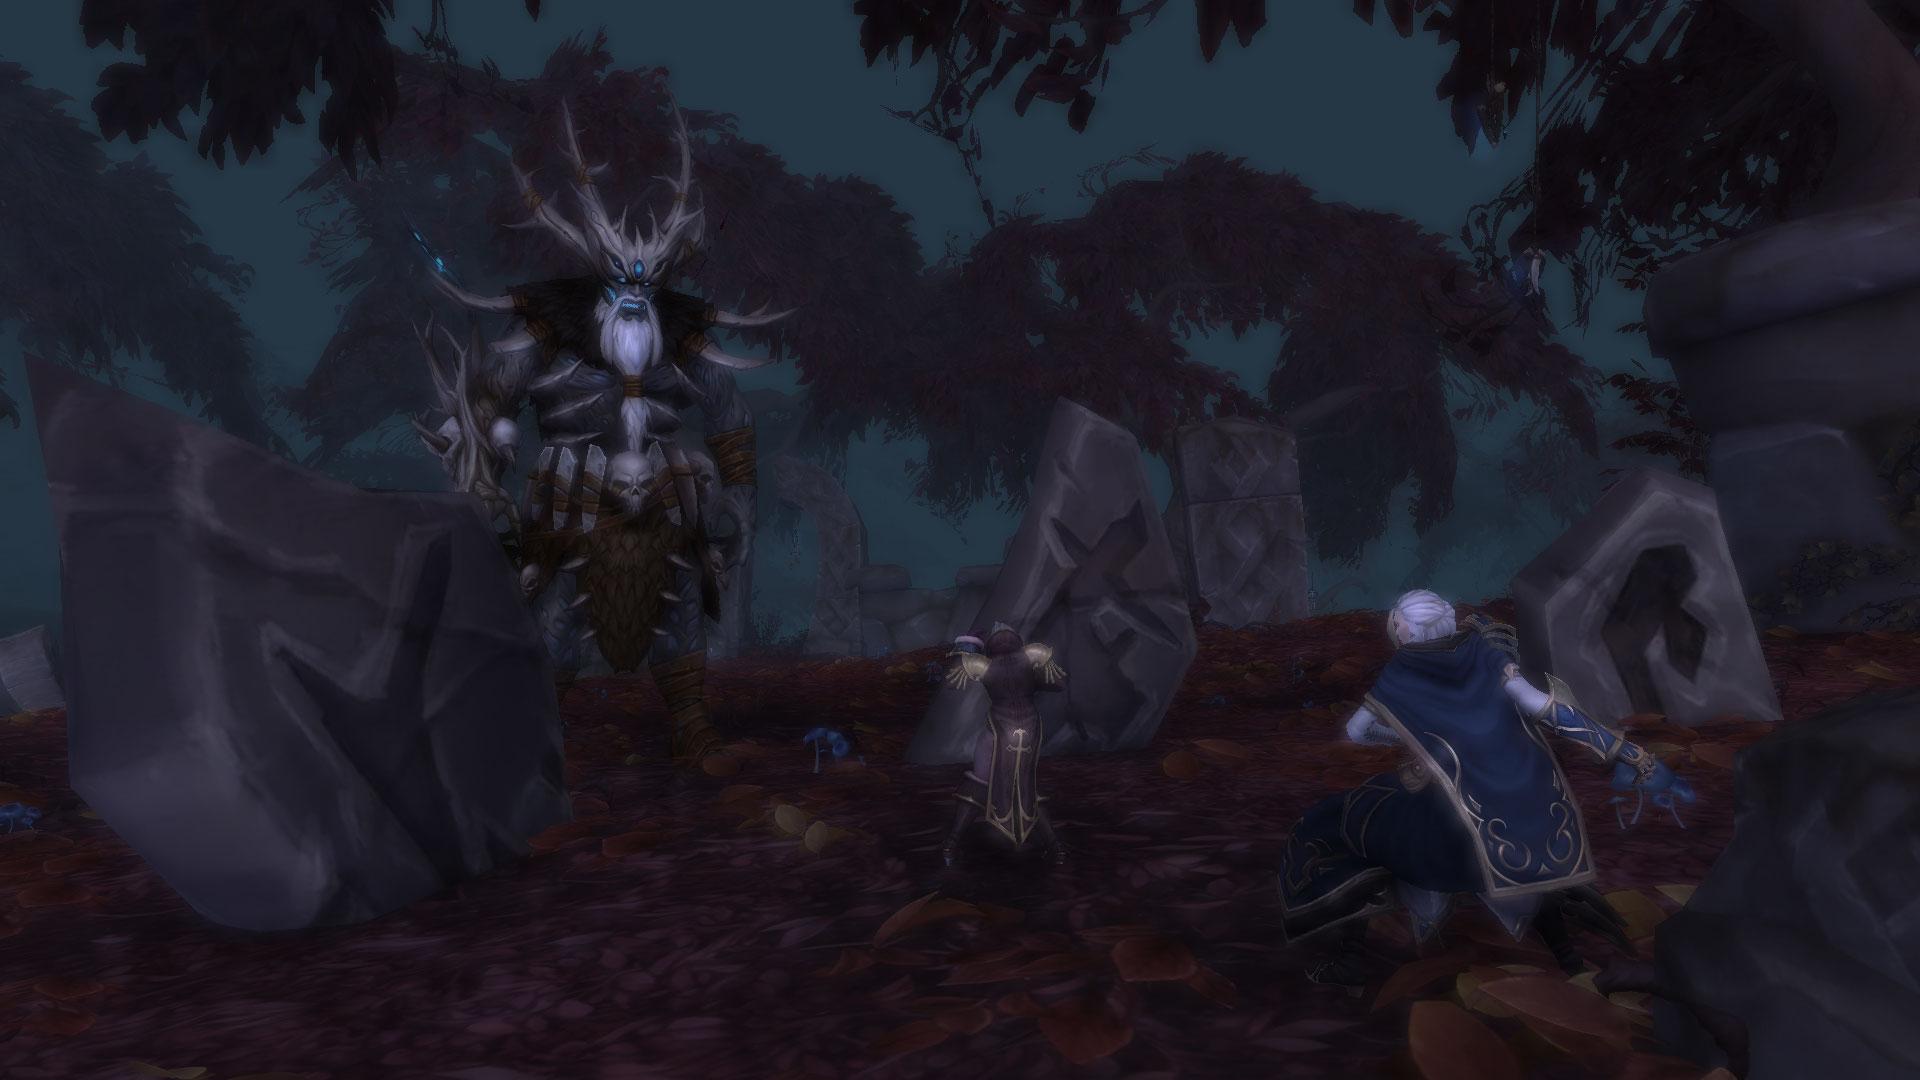 Gorak Tul attaque Katherine et Jaina Portvaillant, mais est finalement vaincu